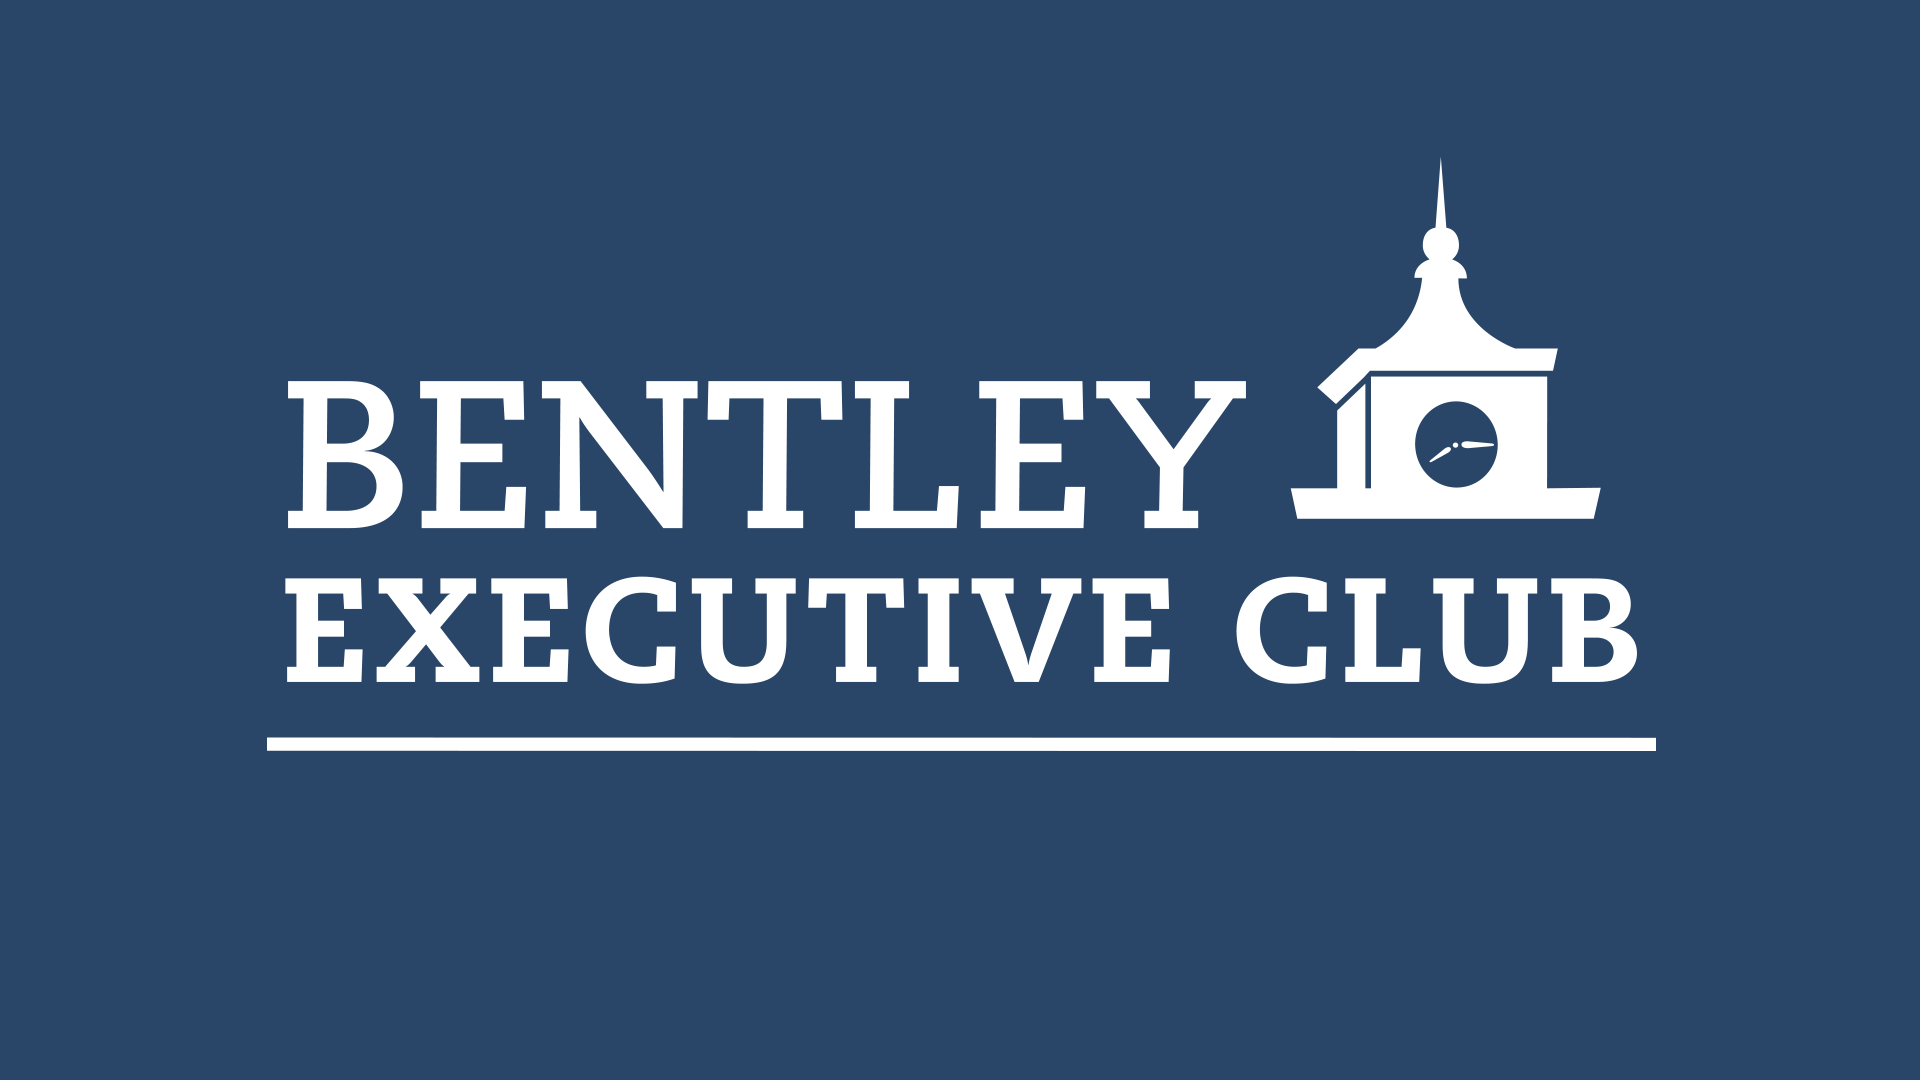 Bentley Executive Club logo